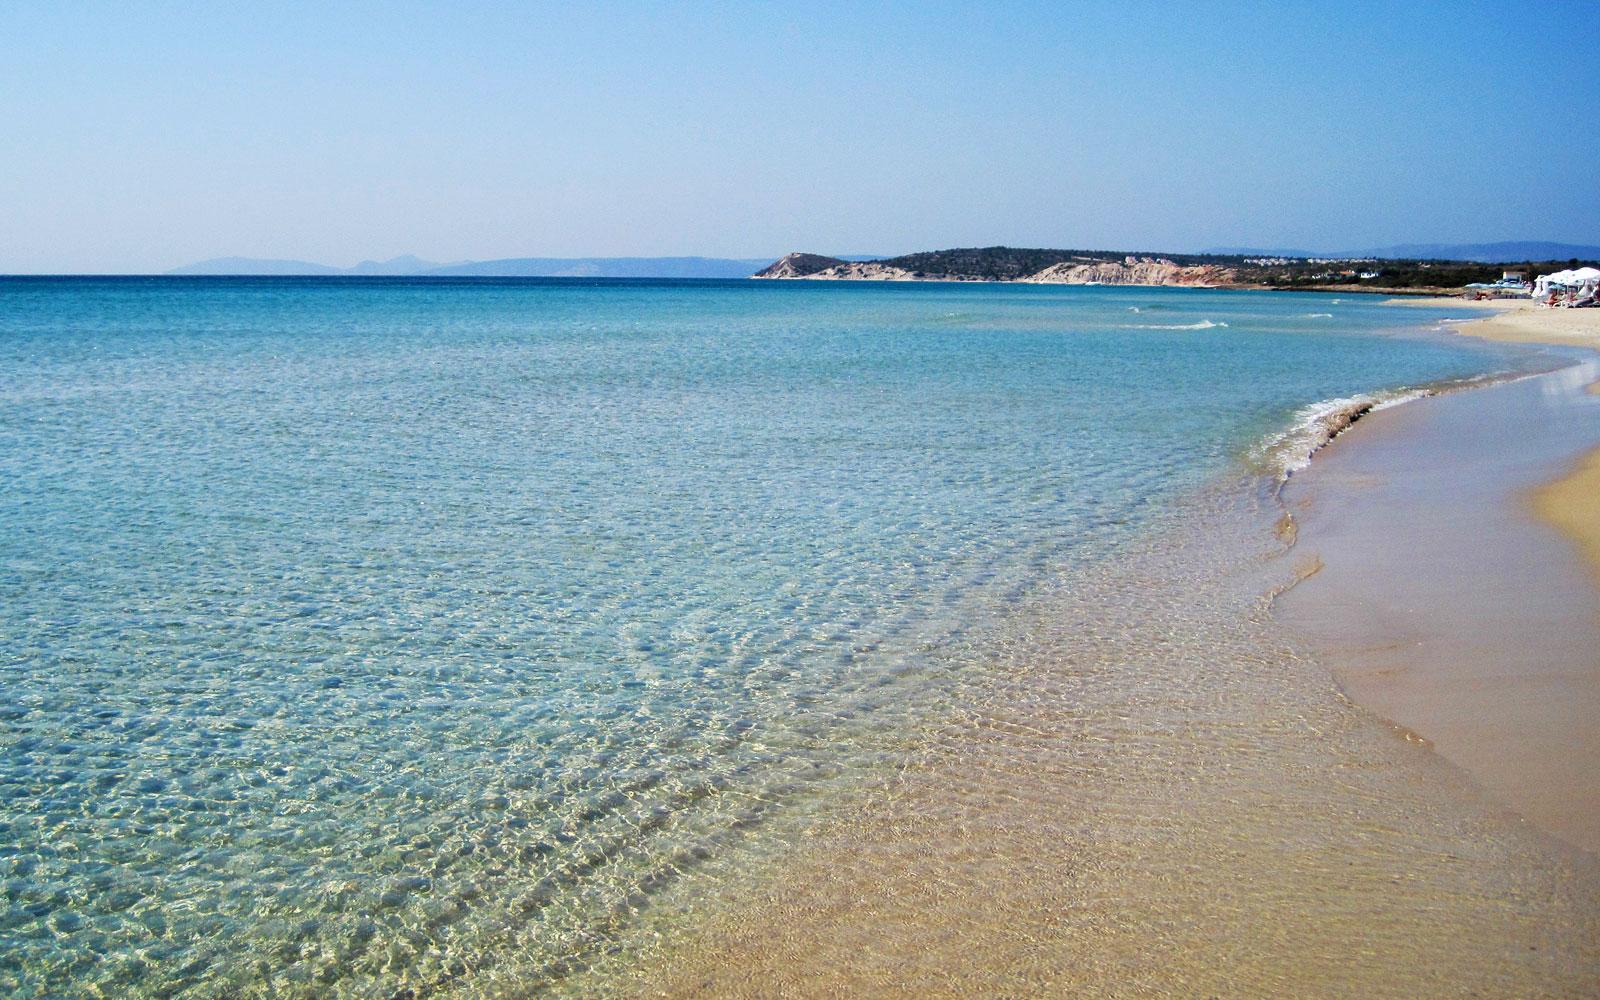 The mesmerizing Altın Kum Plajı (Golden Sand Beach)